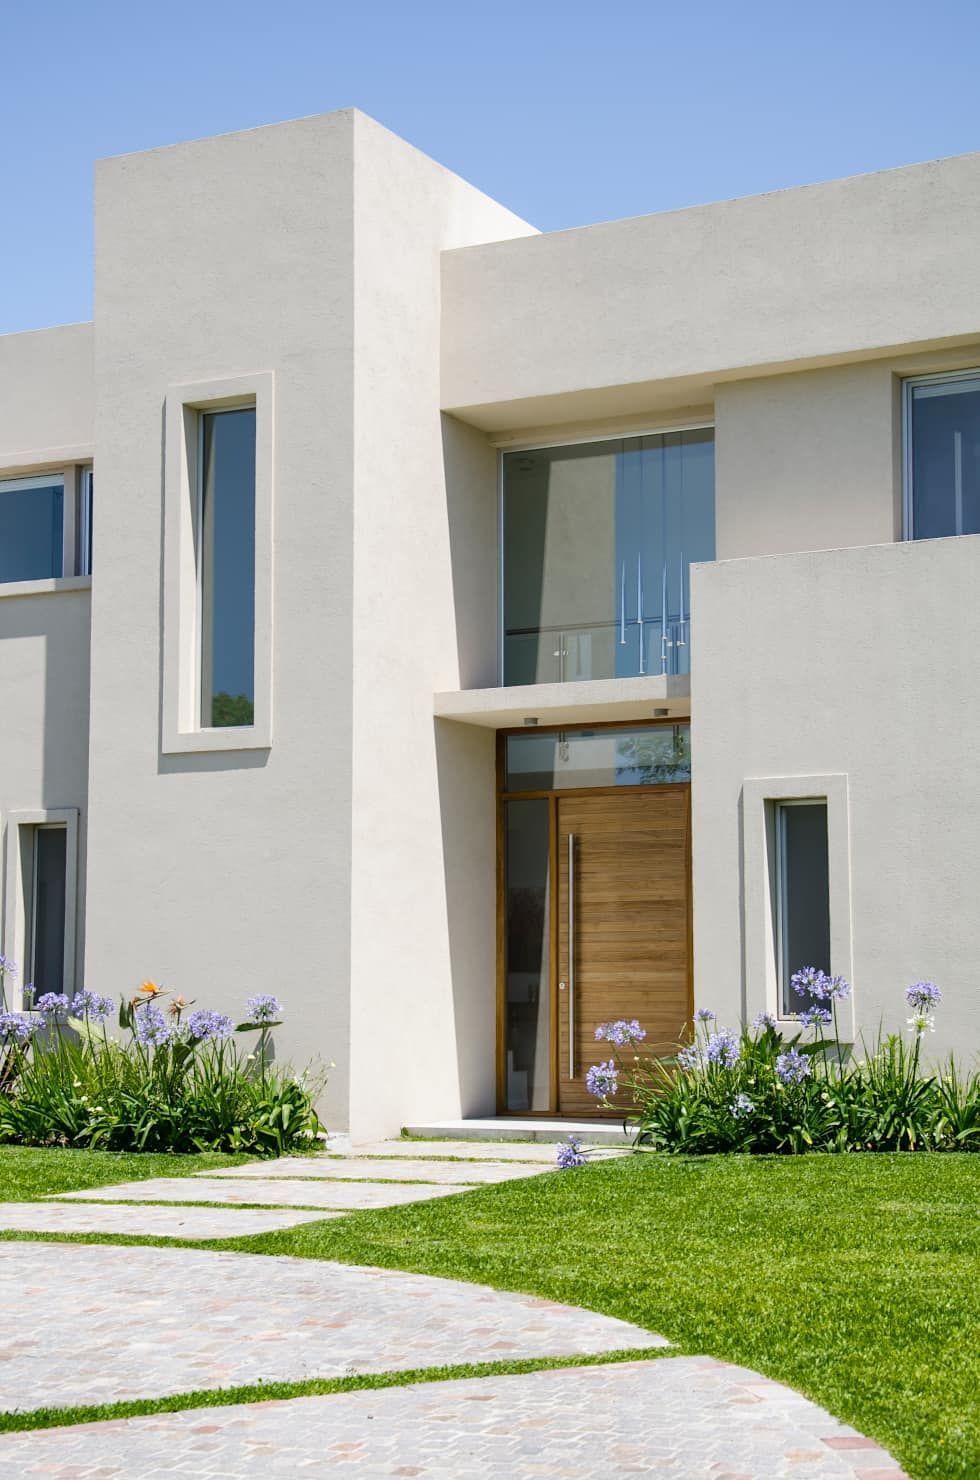 Im genes de decoraci n y dise o de interiores moderno for Decoracion de jardines de frente de casas